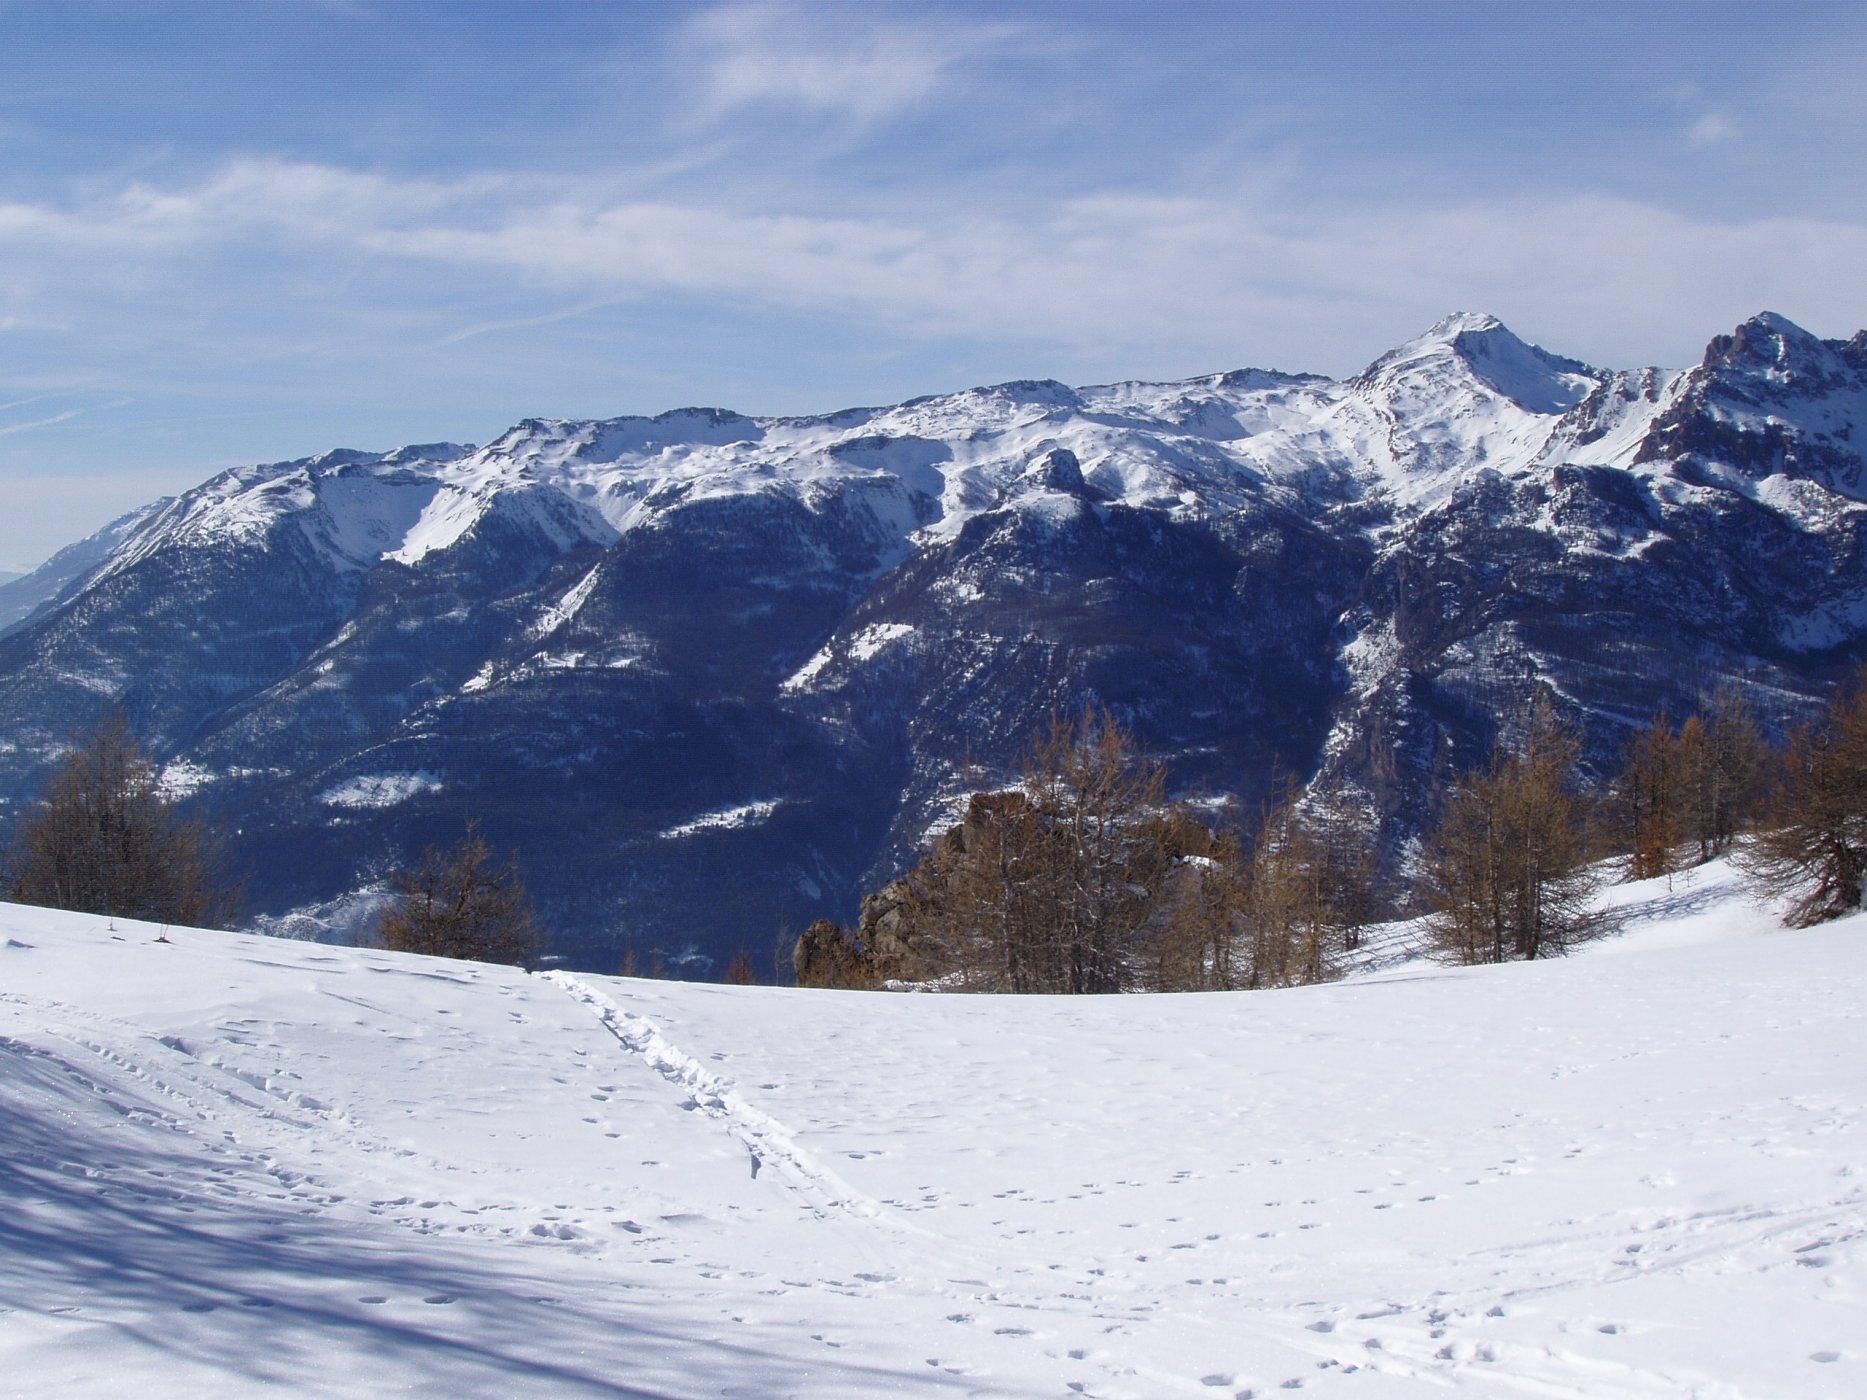 De la Tête de Fouran aux Crêtes des Rougnoux, l'essentiel des randonnées se déroulent sur ce vaste panneau nord est, rive droite de la Durance.